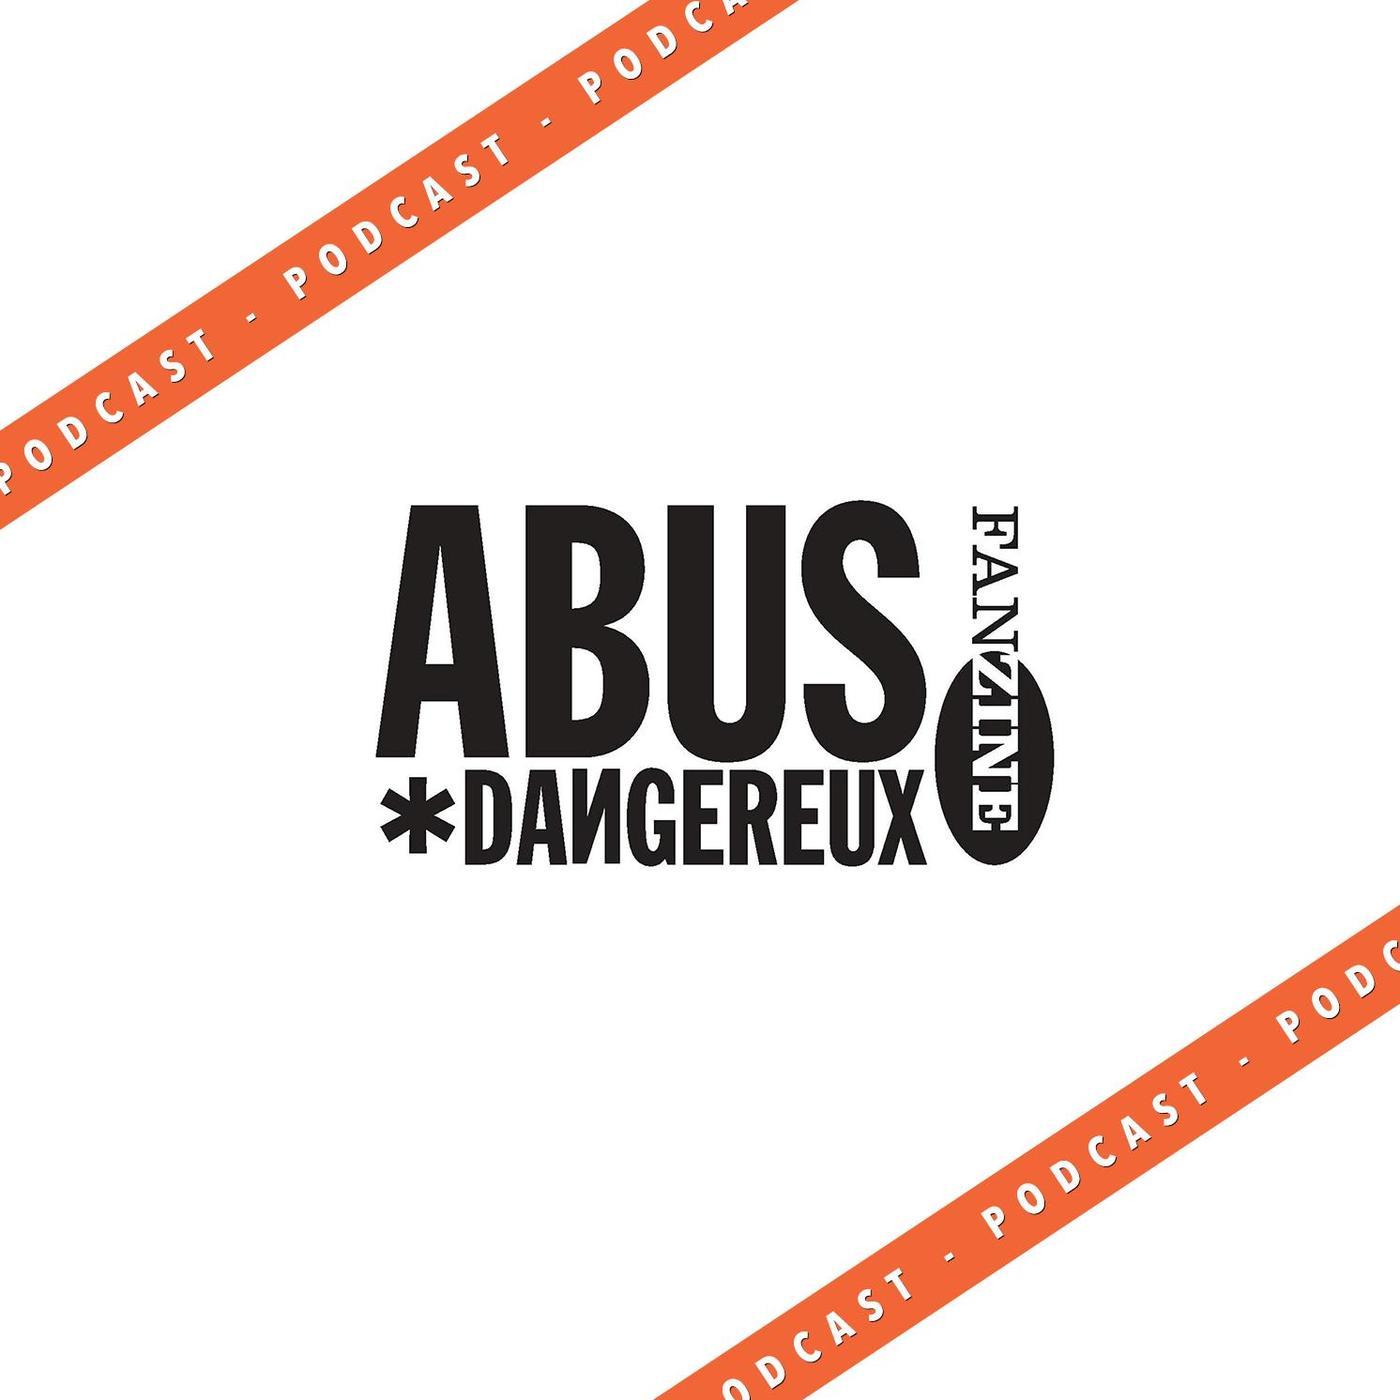 Abus Dangereux 155